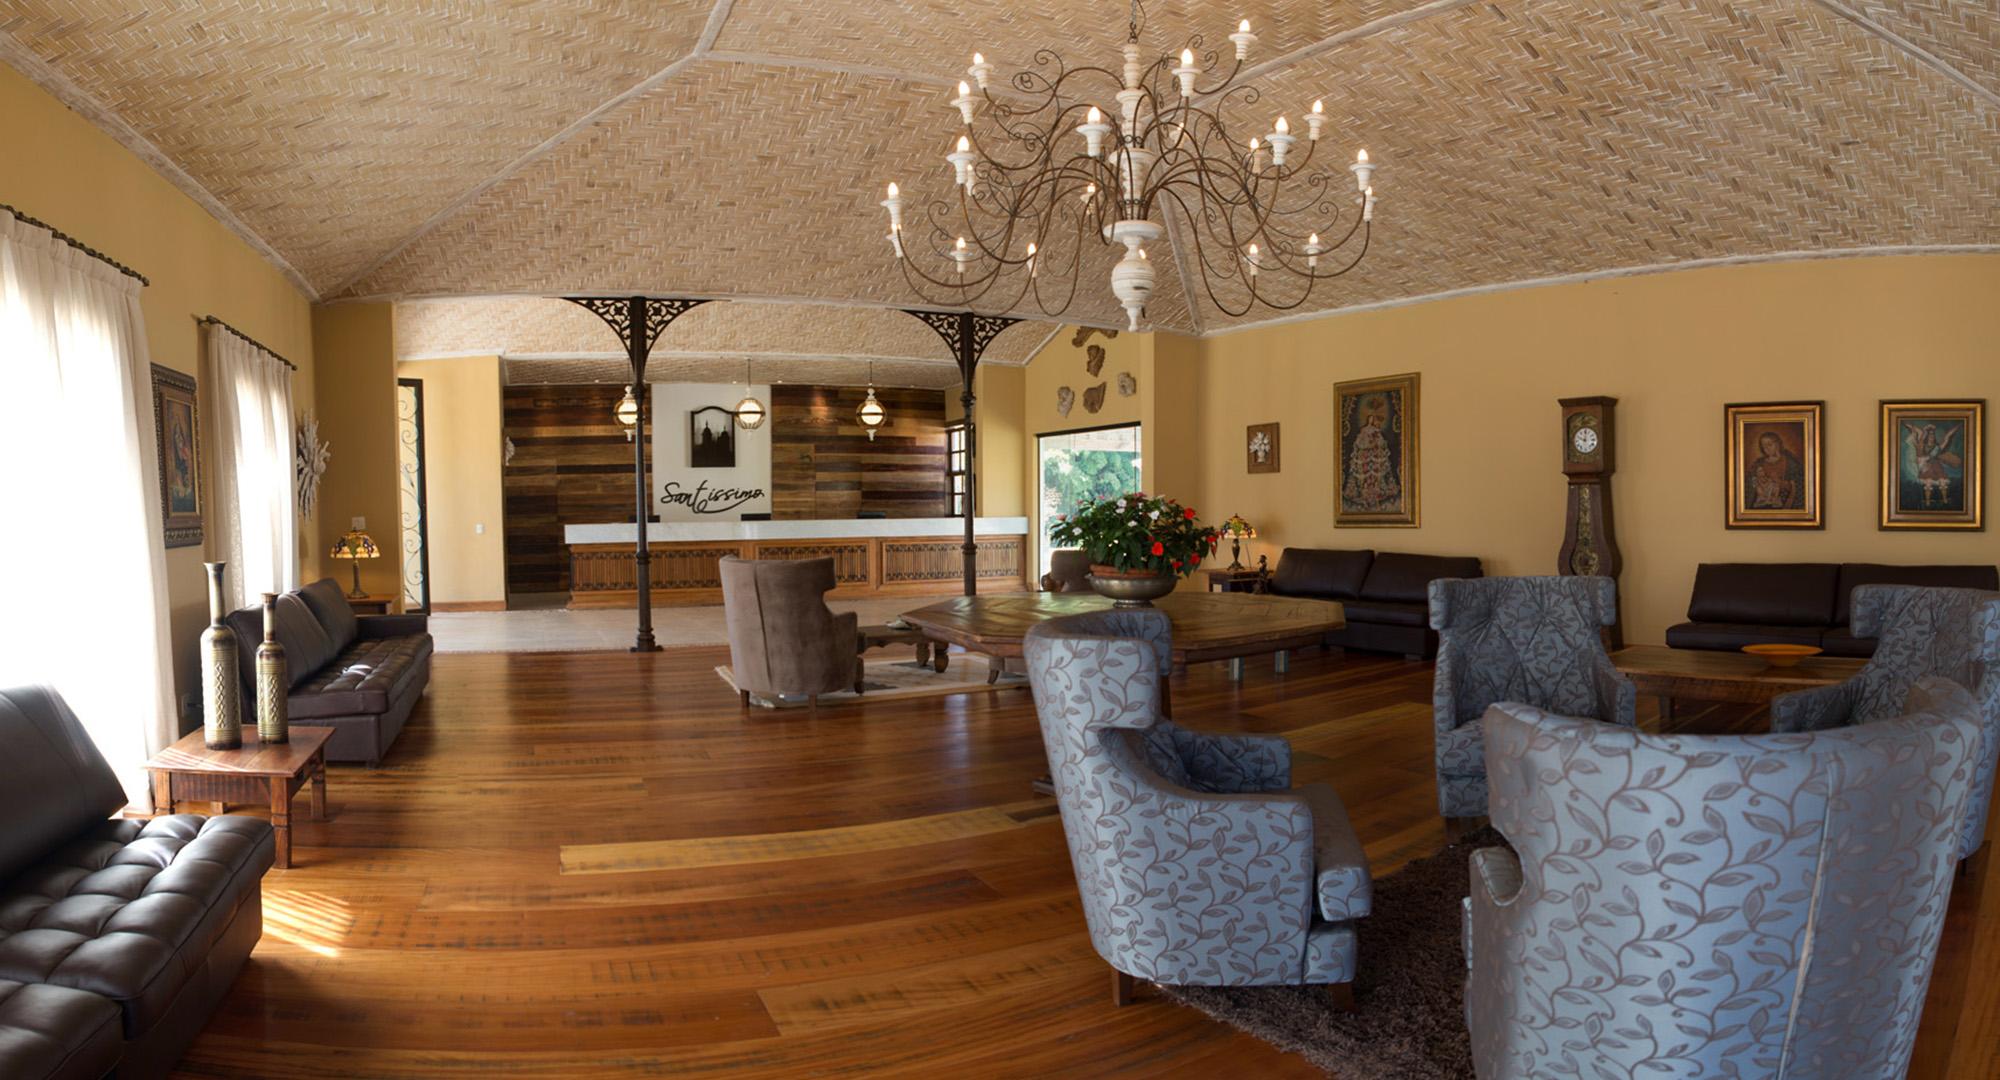 home-11_santissimo-resort_tiradentes_minas-gerais